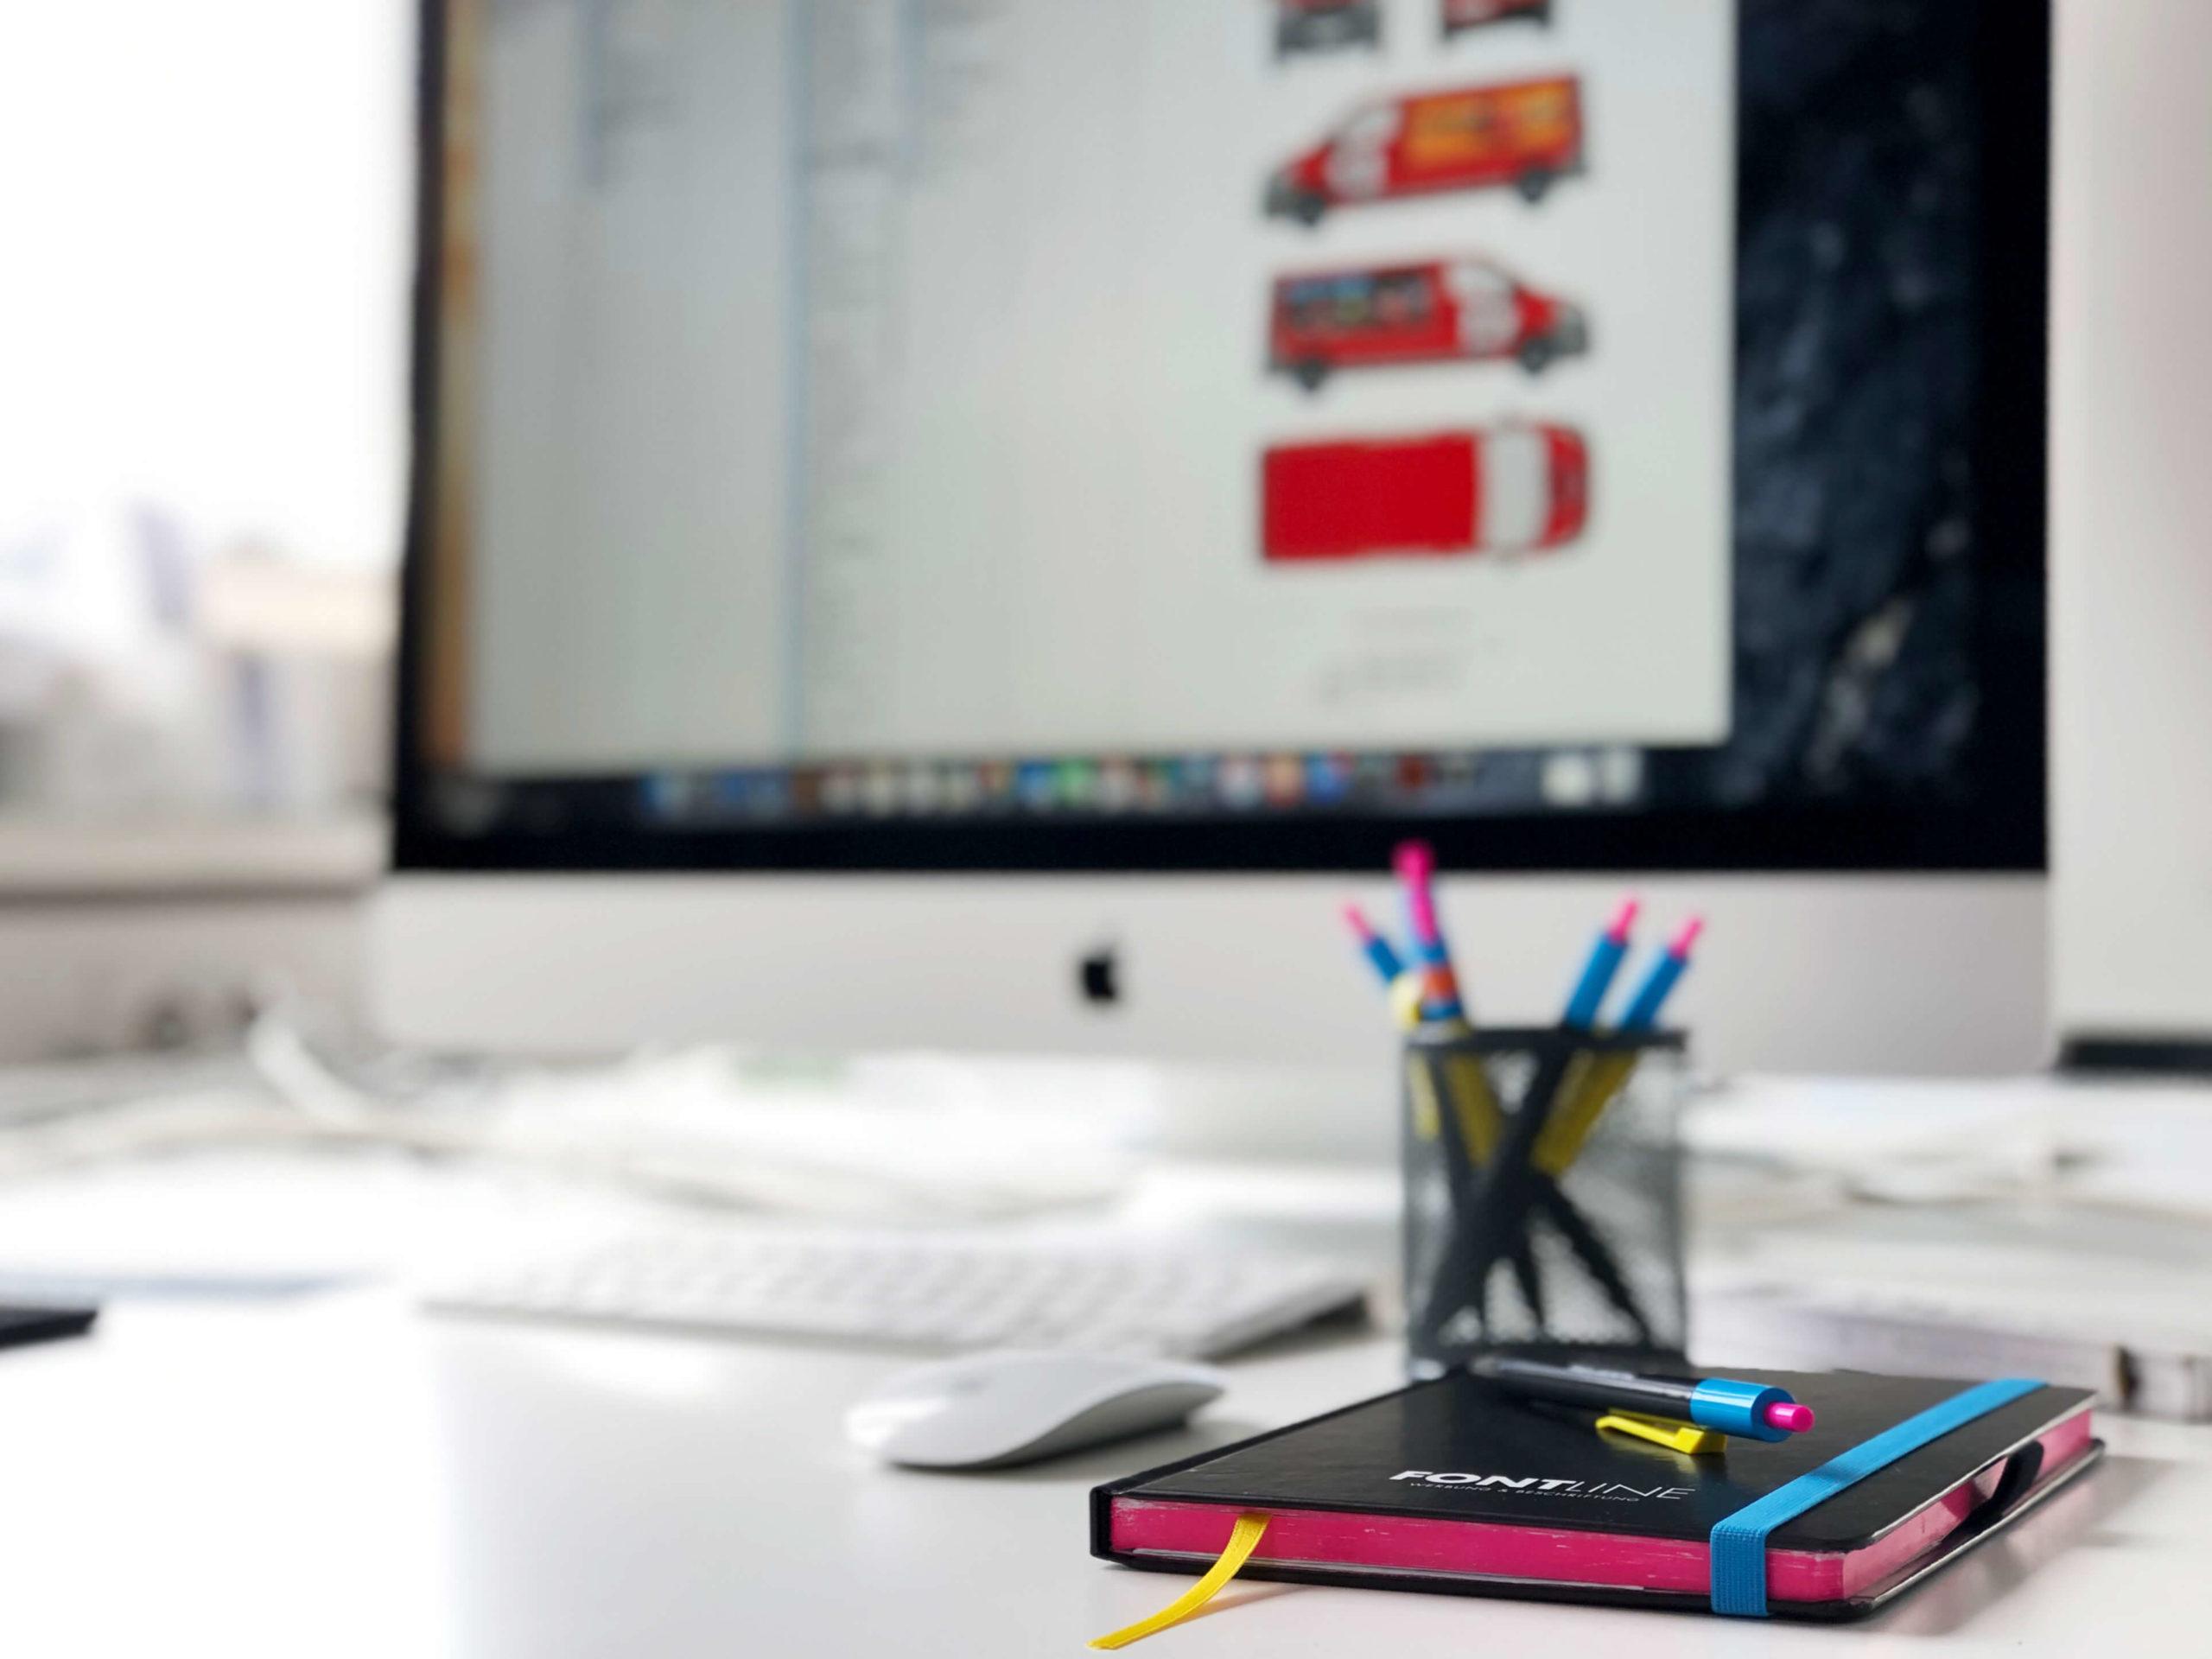 Nahansicht eines Schreibtisches mit Arbeitsmaterialien und Bildschirm.